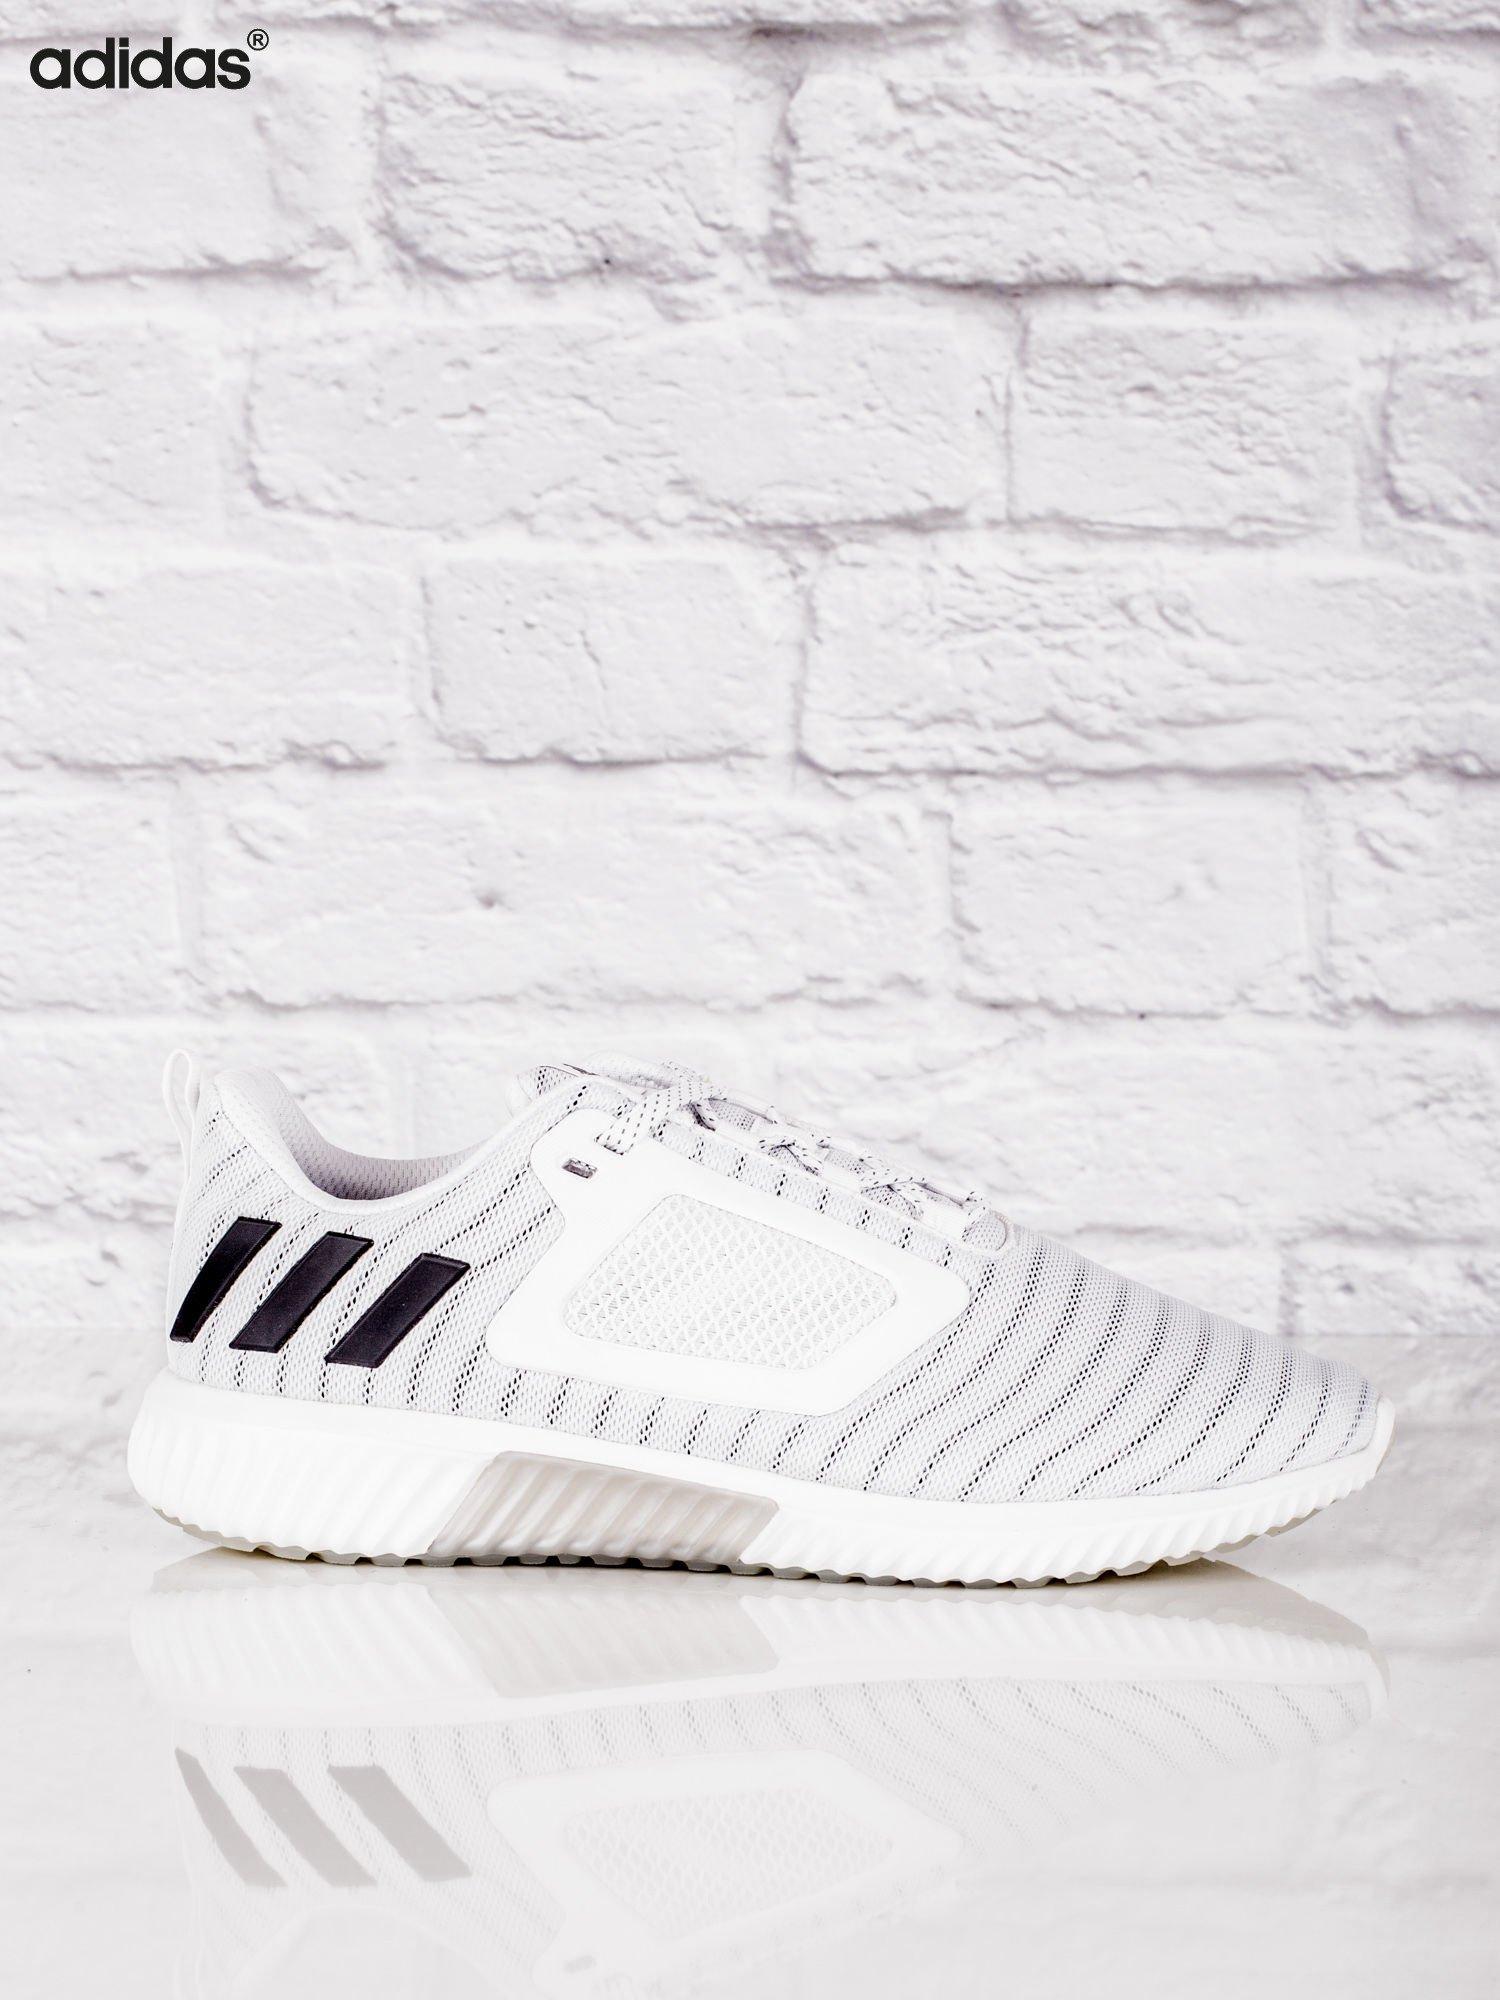 35a21cf5b22 ADIDAS Białe męskie buty sportowe Climacool cm - Mężczyźni Buty ...